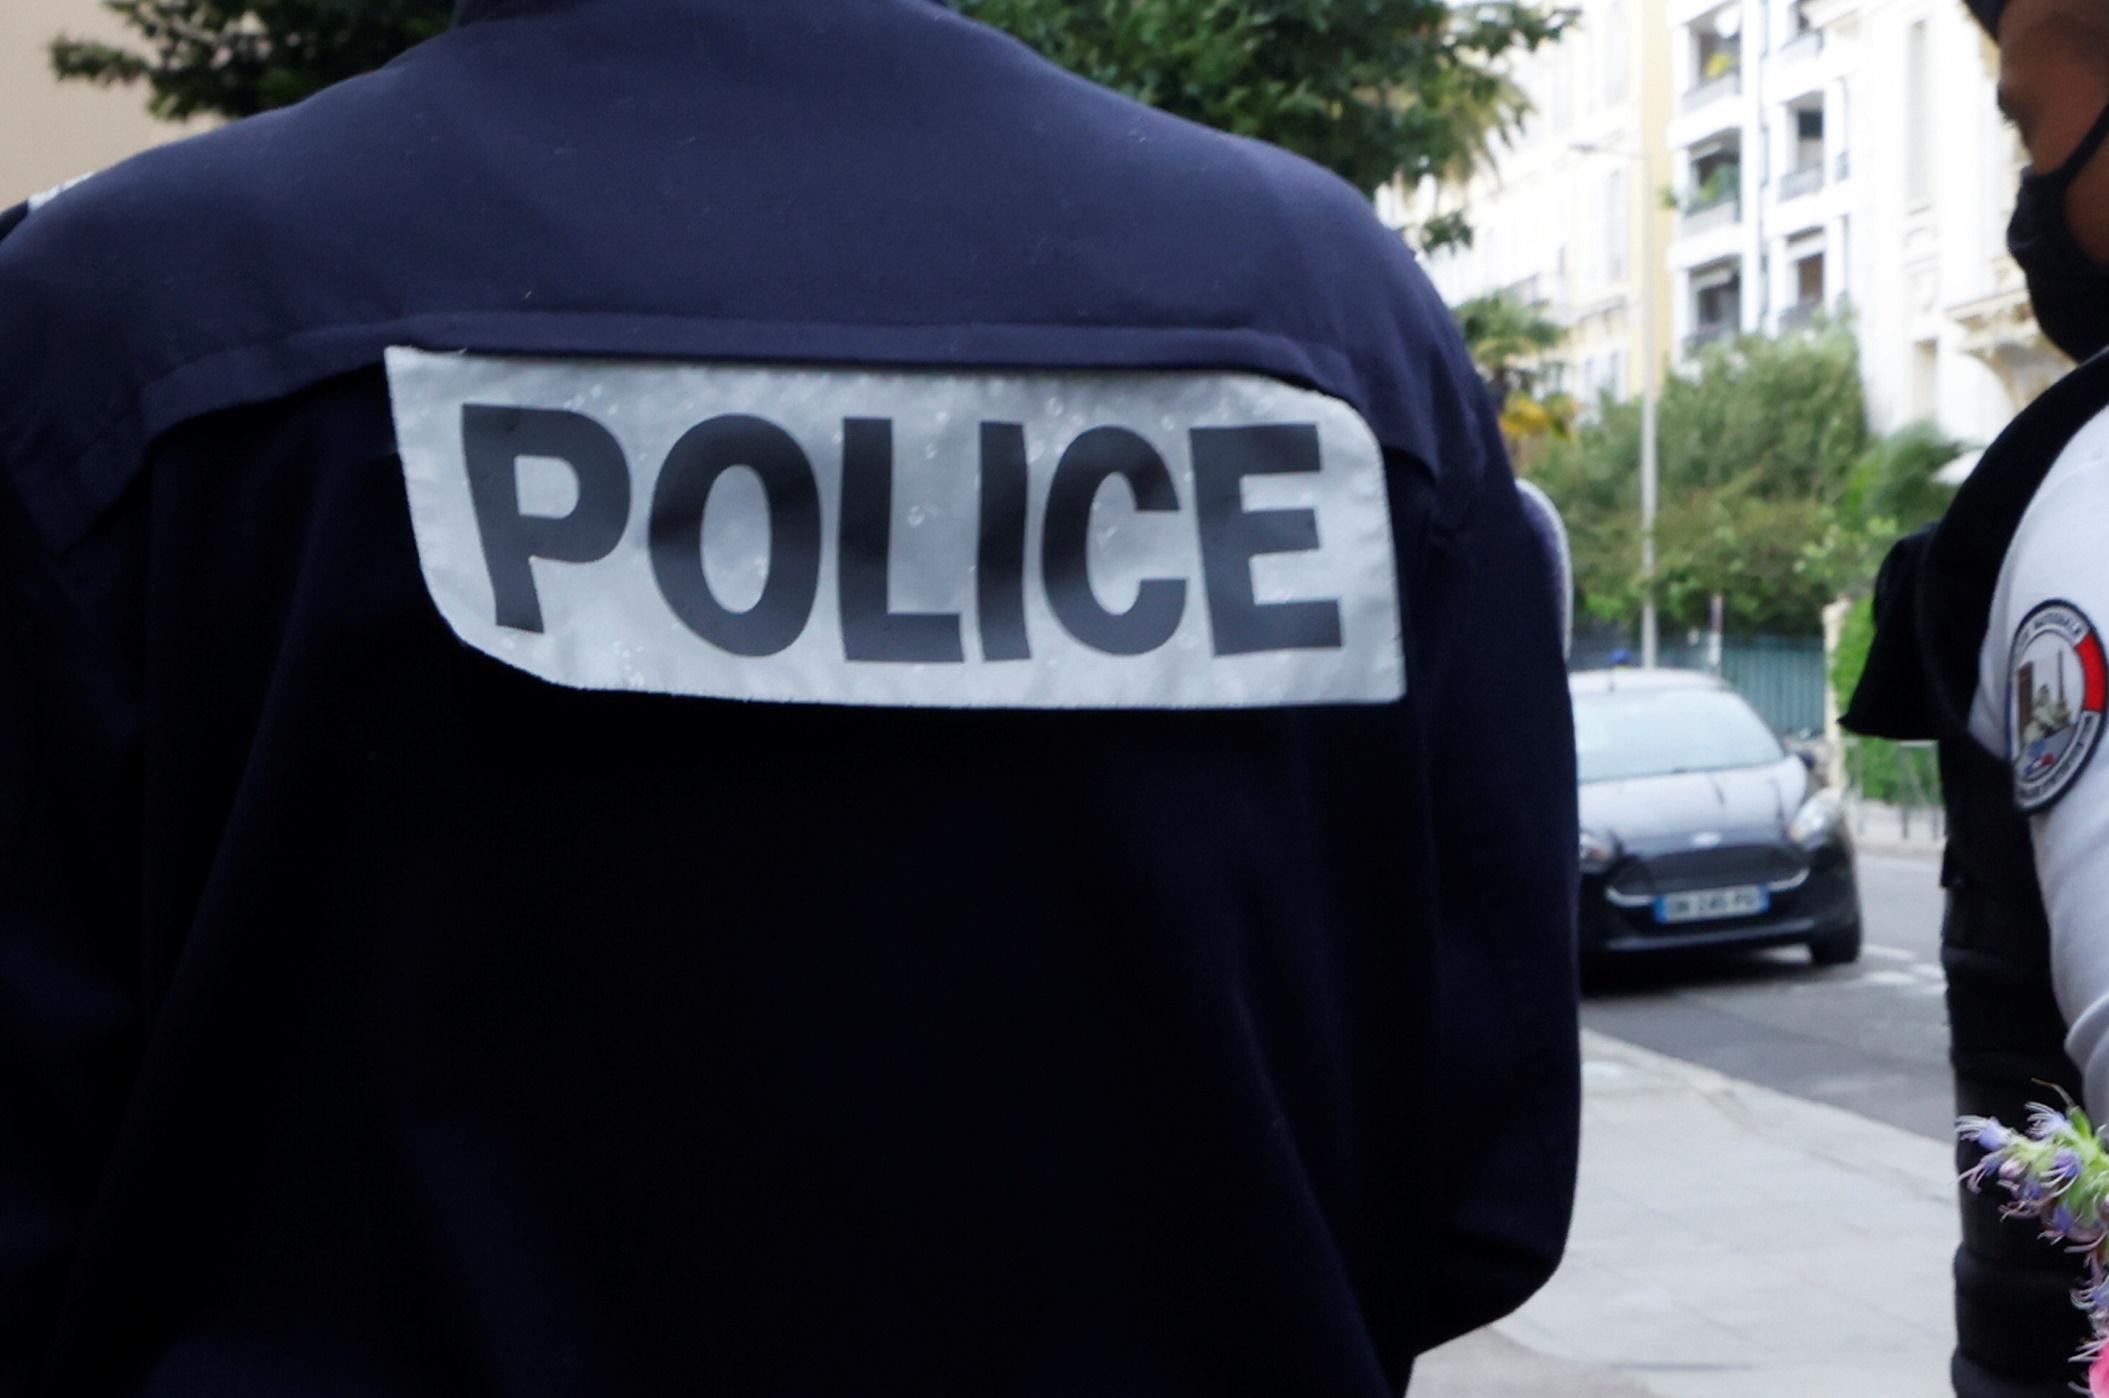 Επτά συλλήψεις στη Γαλλία σε έρευνα της αντιτρομοκρατικής εισαγγελίας